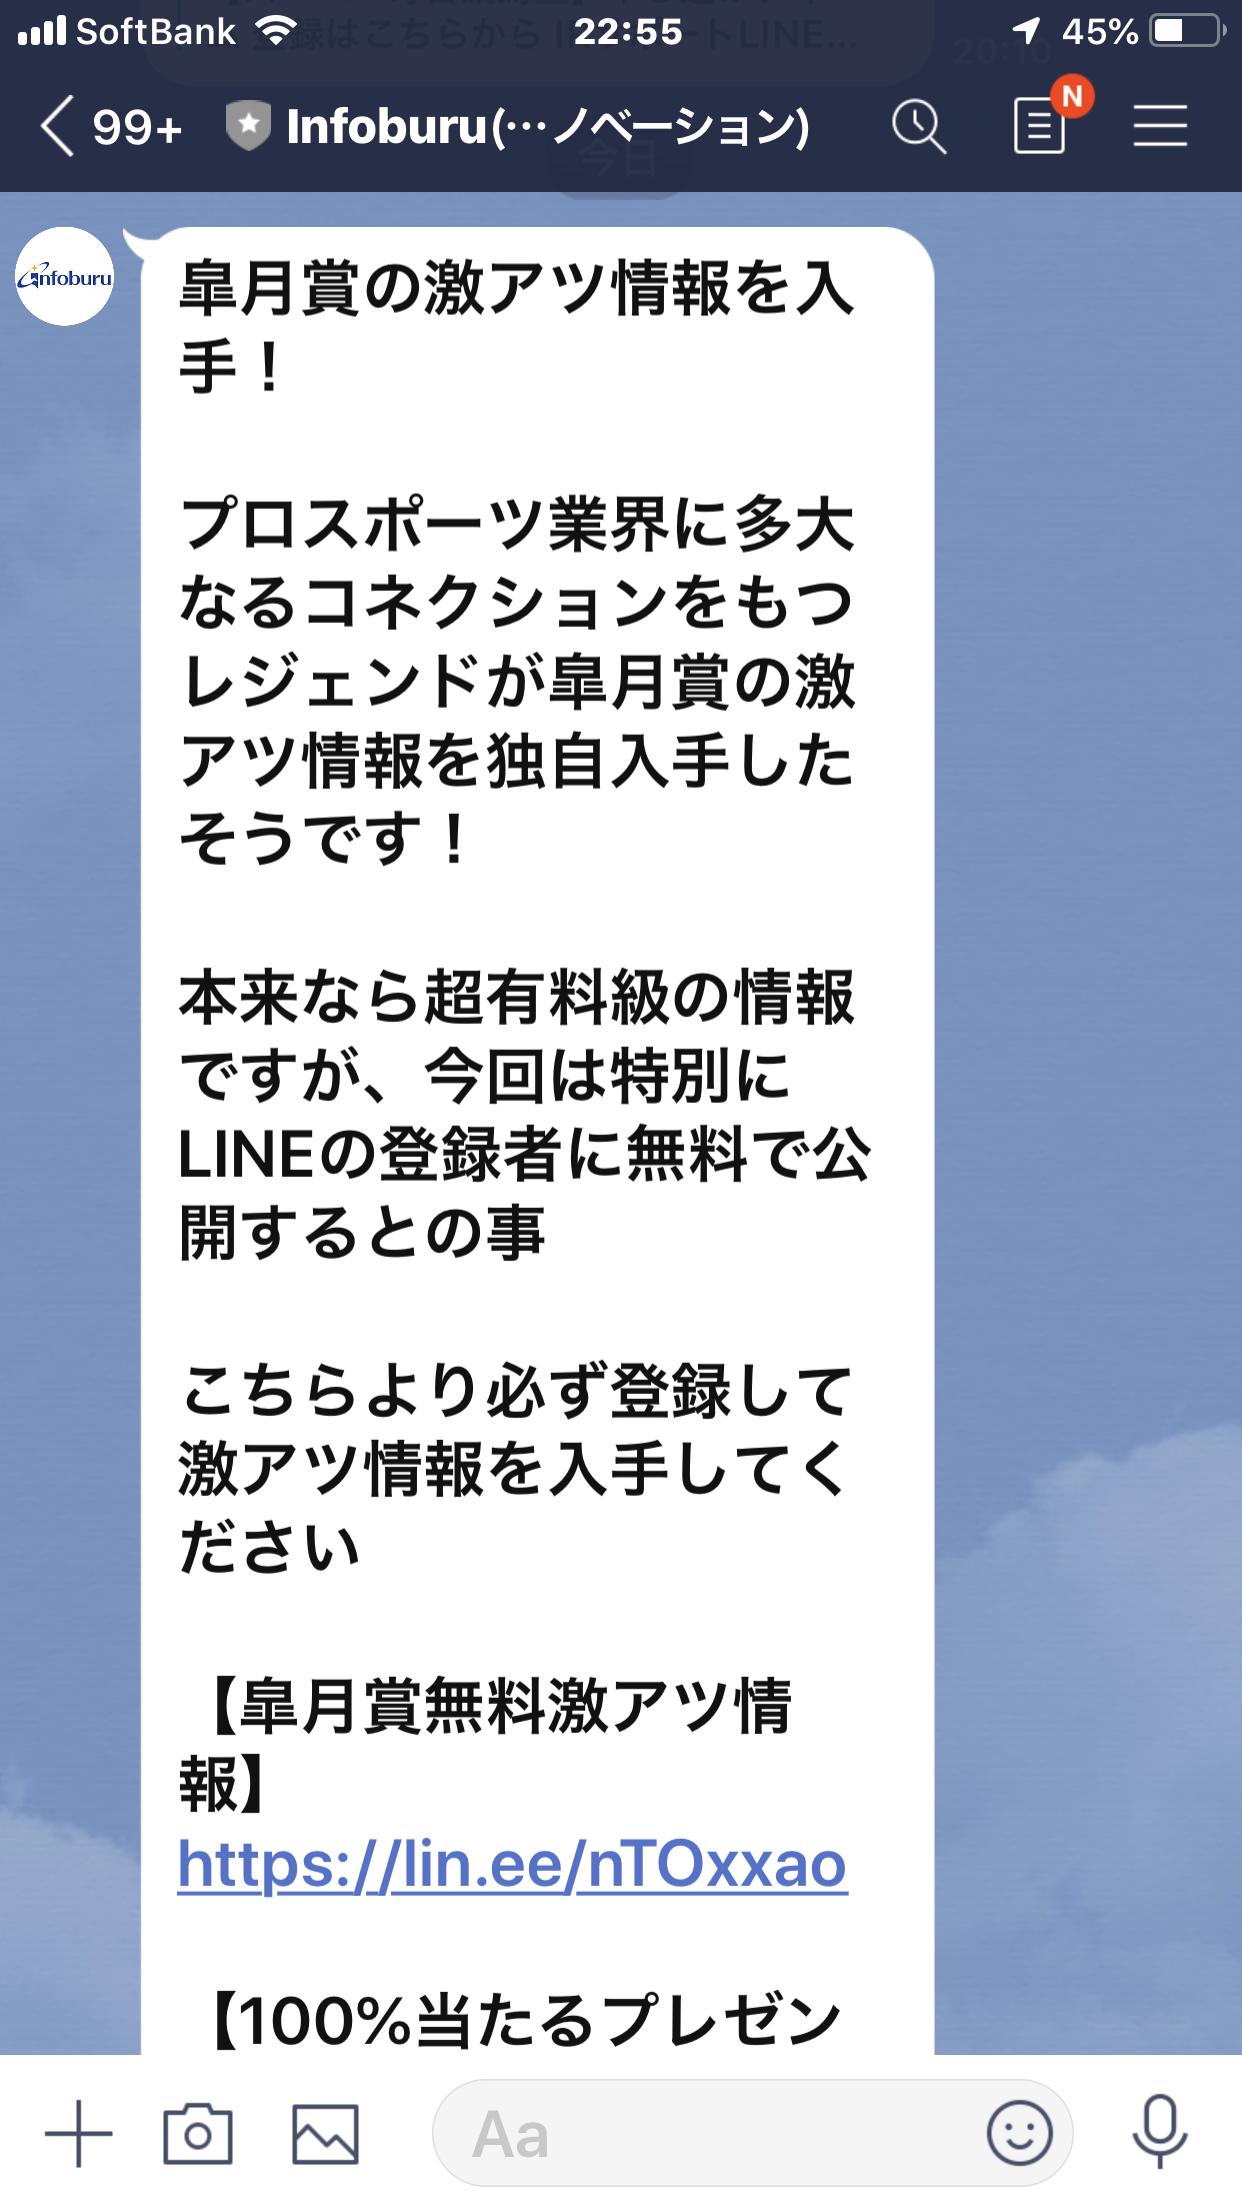 VHorse(ブイホース)【LINE@】の勧誘ライン